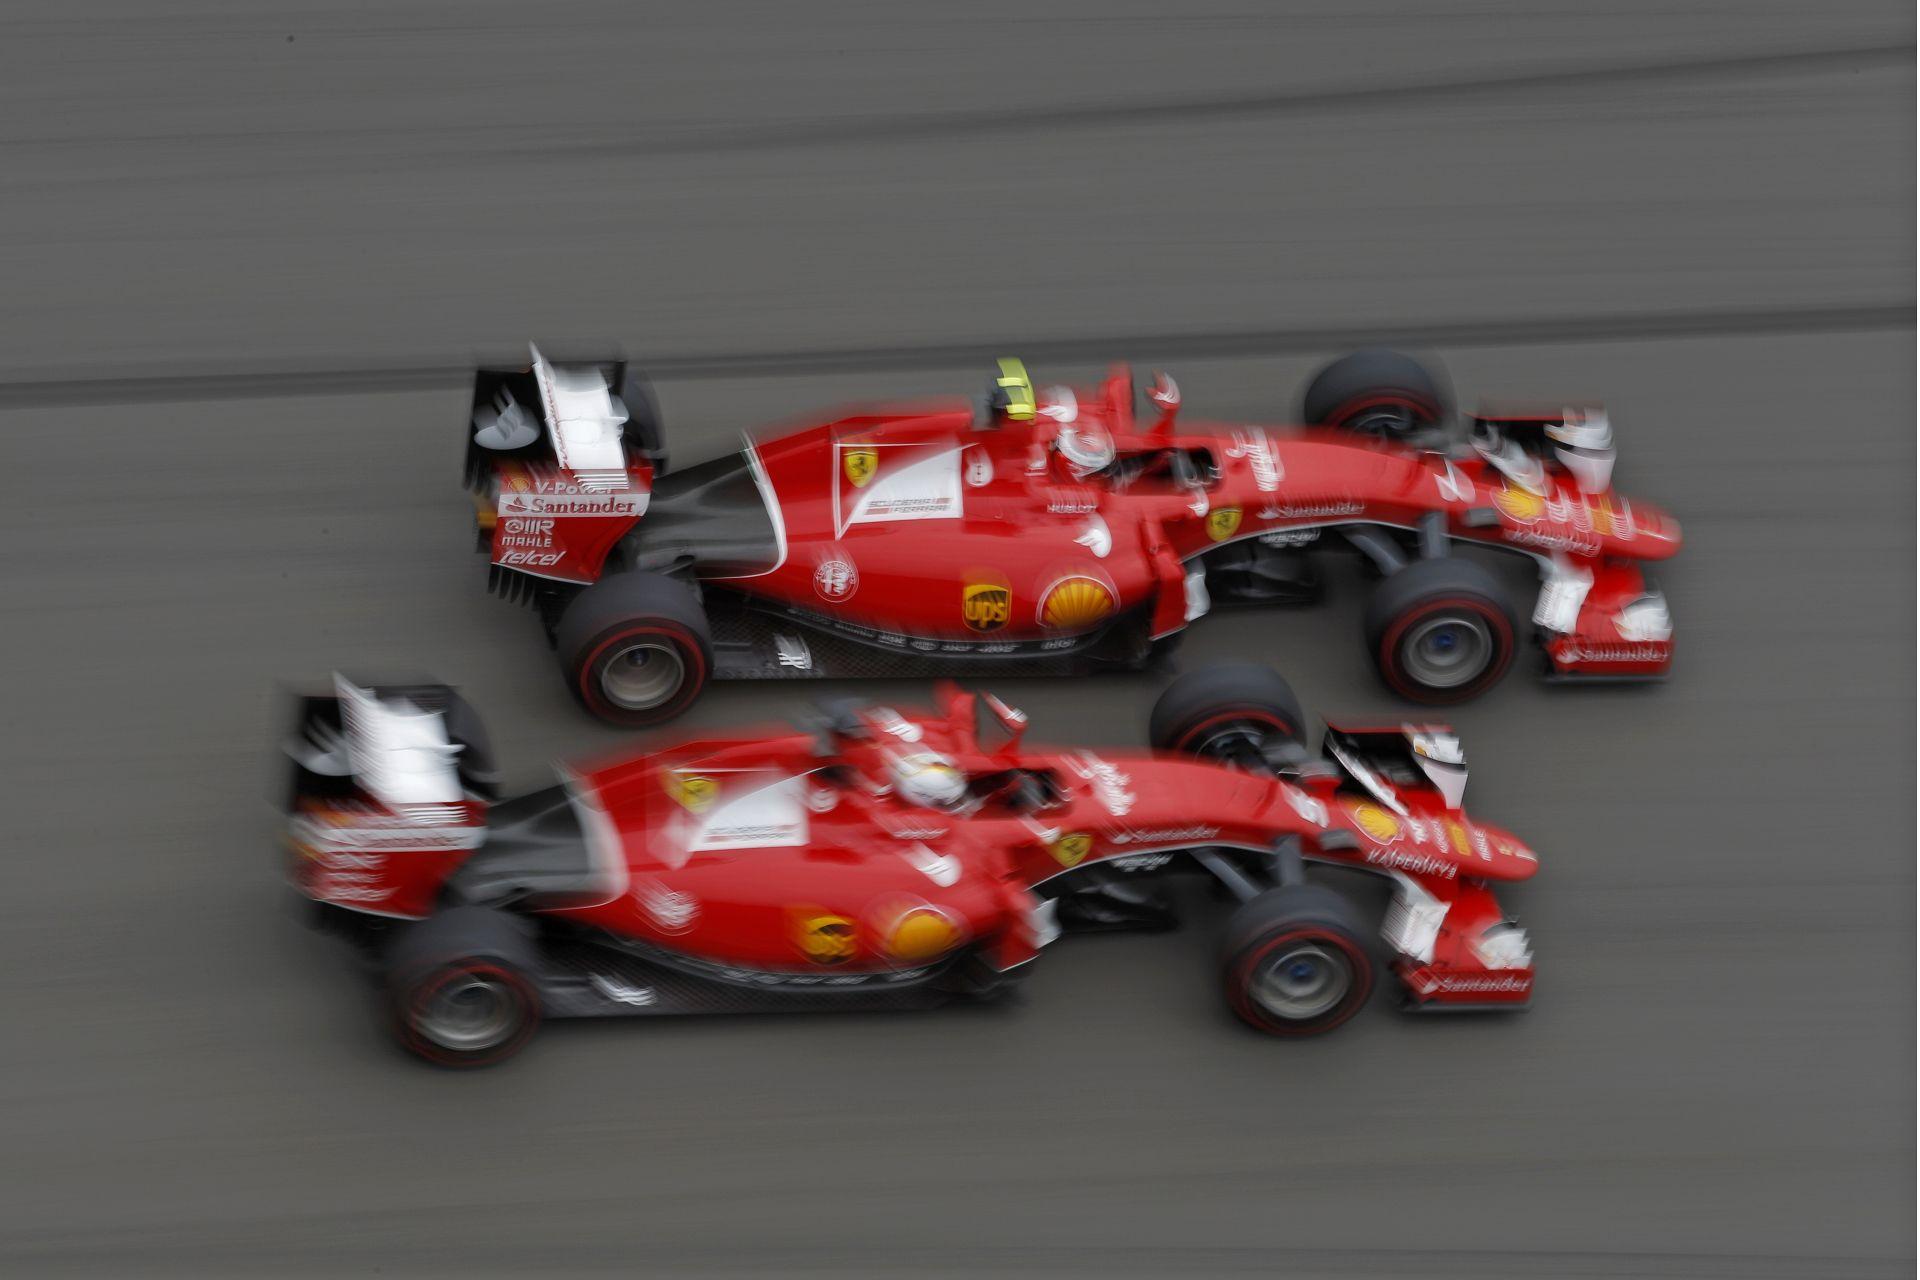 Érdekes beismerés az FIA részéről: vétó a Ferraritól, így olcsóbb motorokat akarnak 2017-től